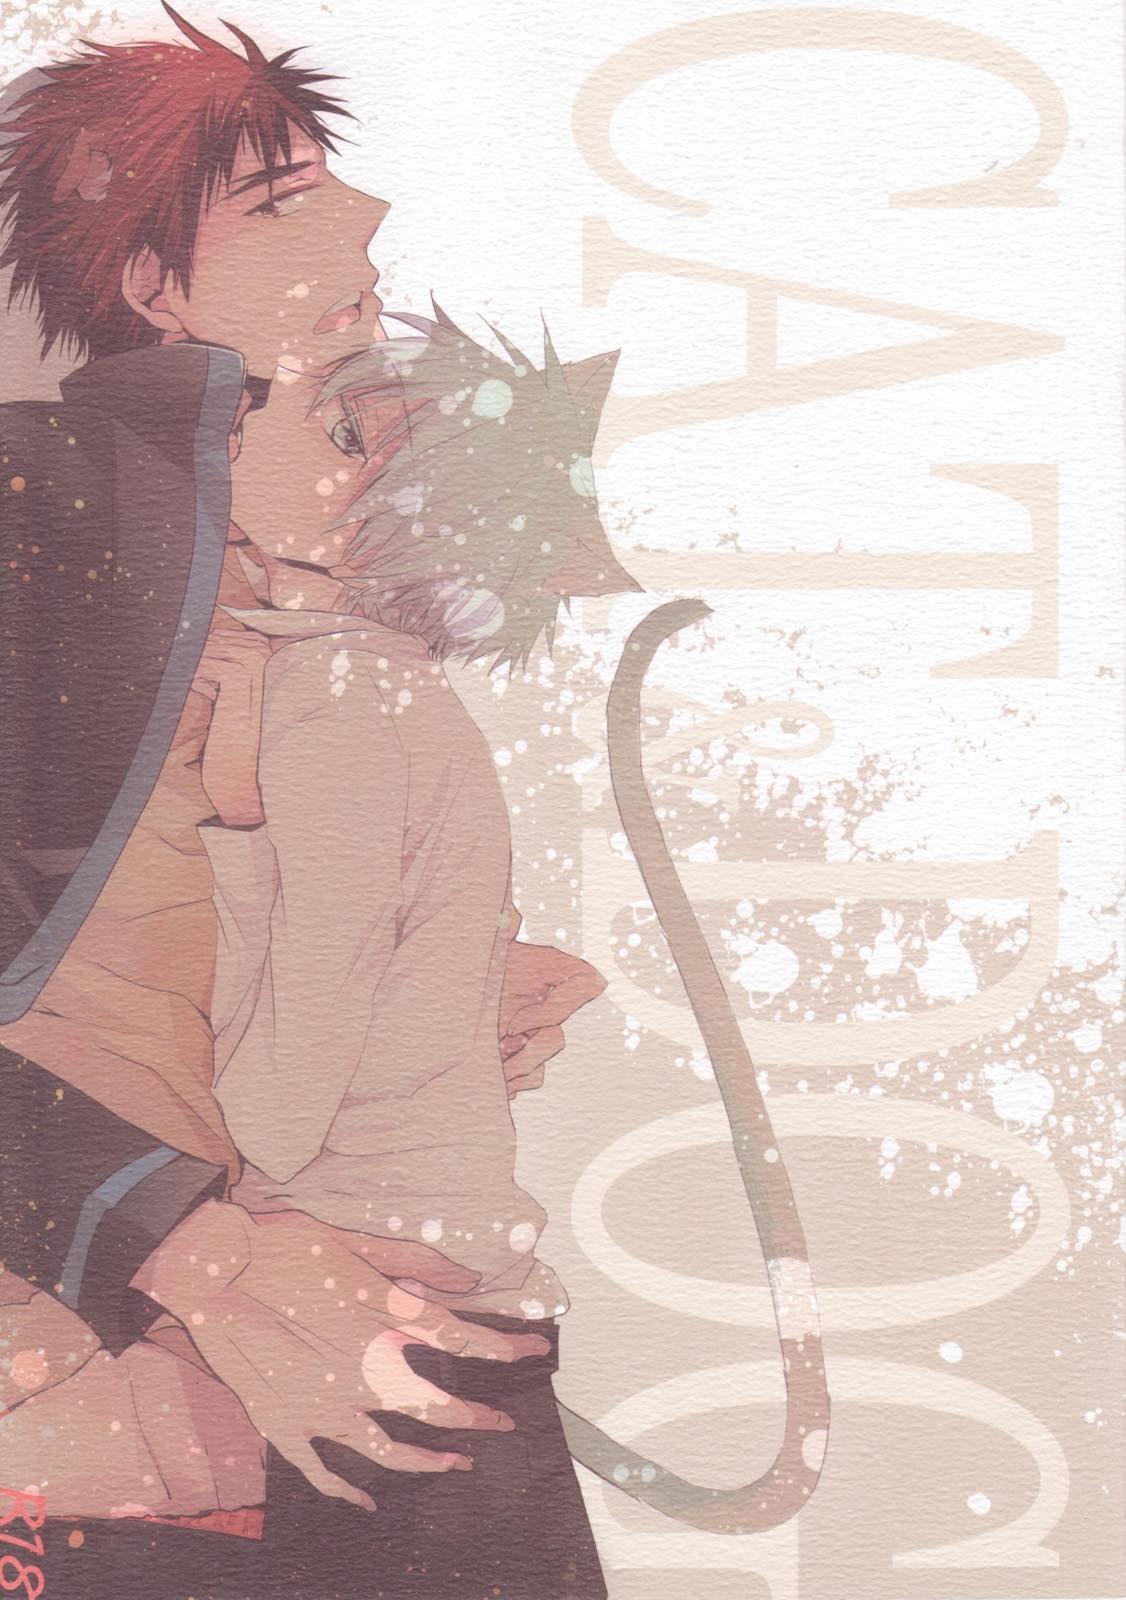 【黒バスBLエロ同人誌】火神×黒子「CAT&DOG」※ボーイズラブ漫画【黒子のバスケ】